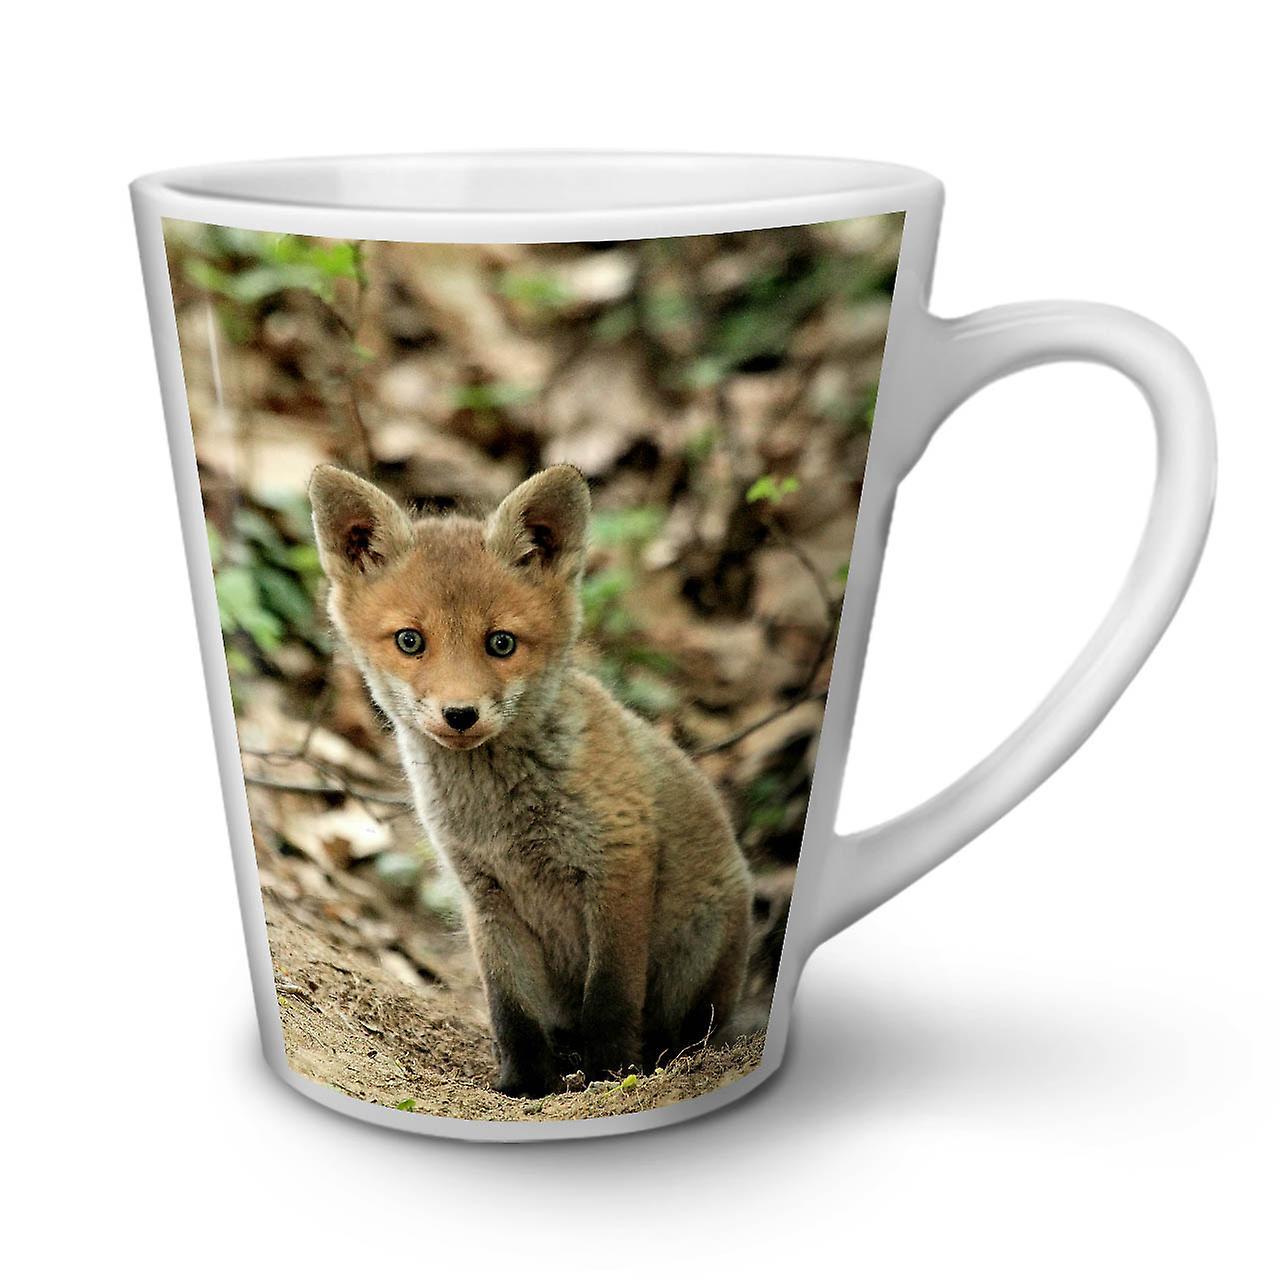 Tasse 12 Fox Céramique OzWellcoda De Photo En Café Blanche Mignon Nouvelle Latte Animal R5AjL34